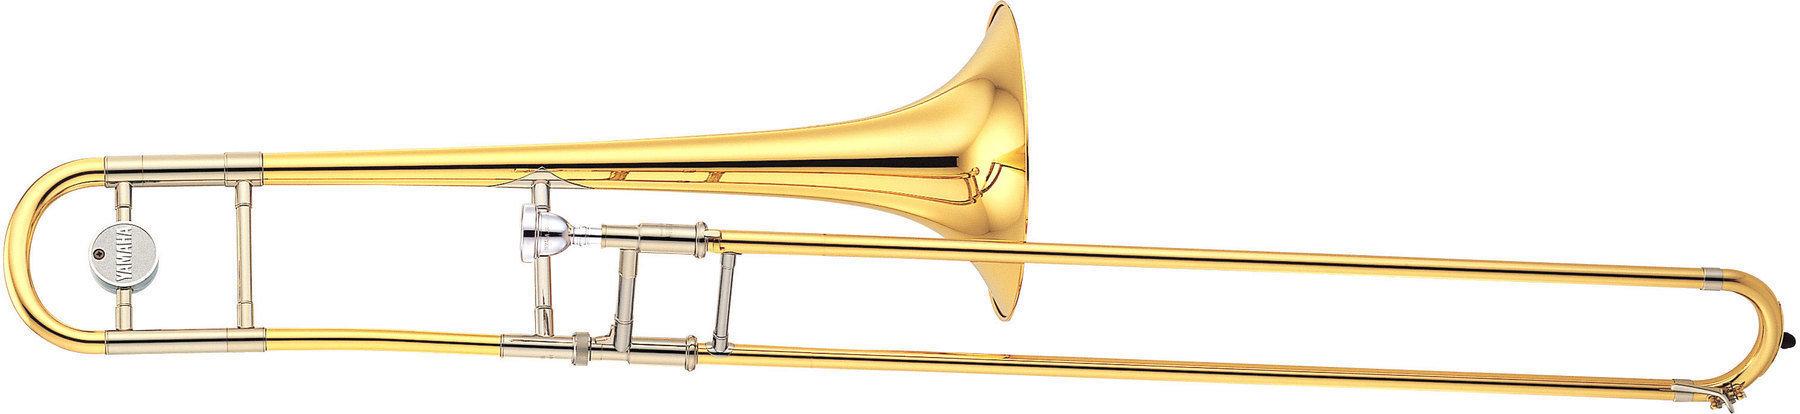 Yamaha YSL 610 Tenorový Trombón + 1 rok predĺžená záruka zadarmo